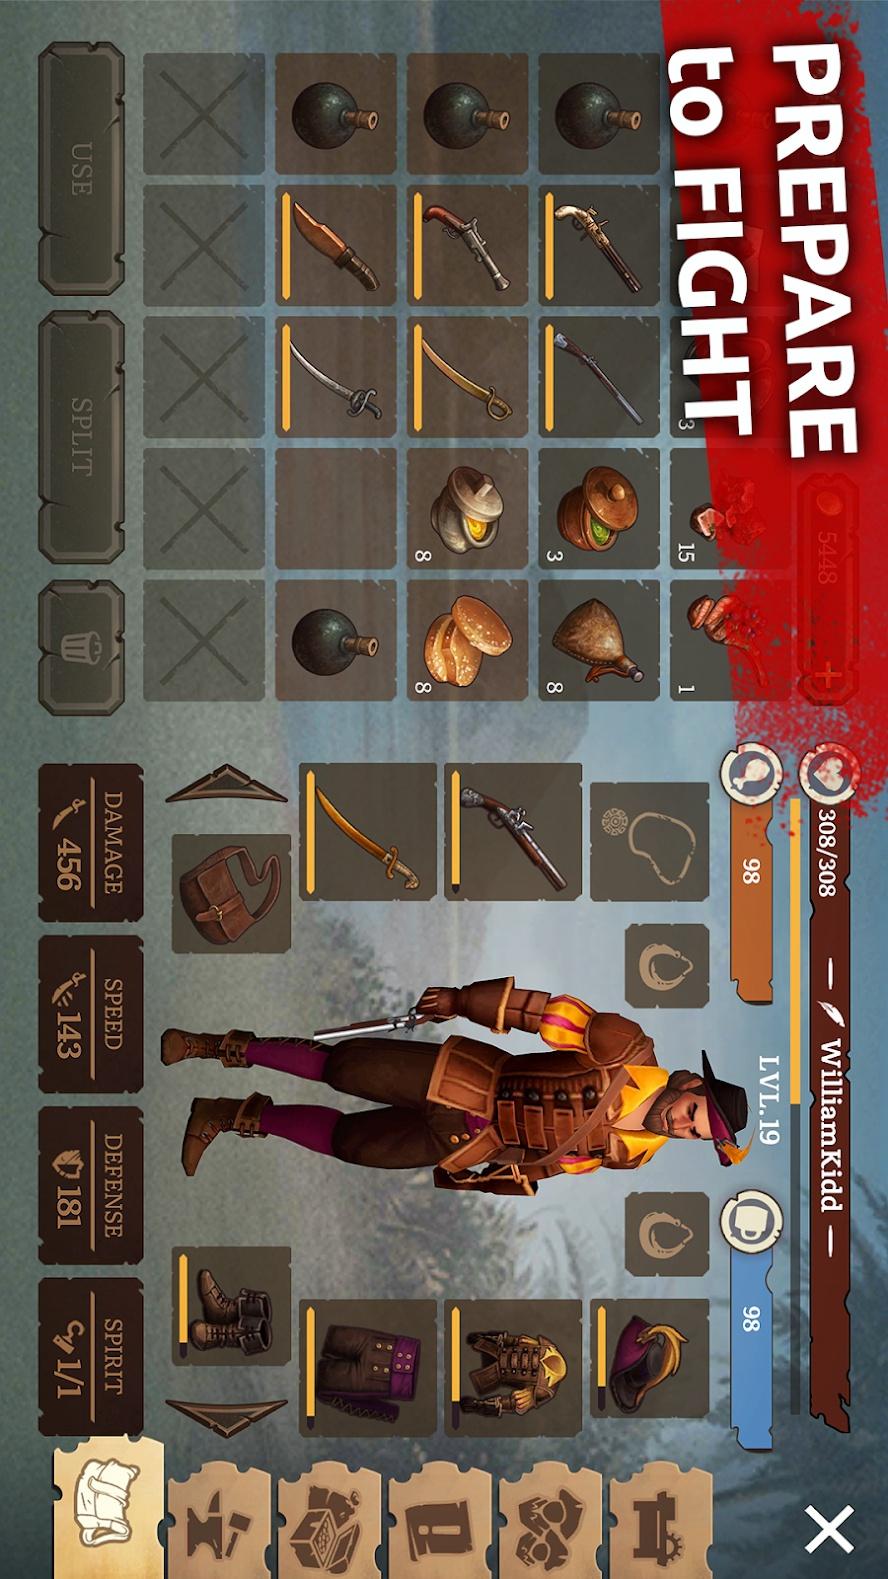 叛变:海盗生存RPG游戏截图